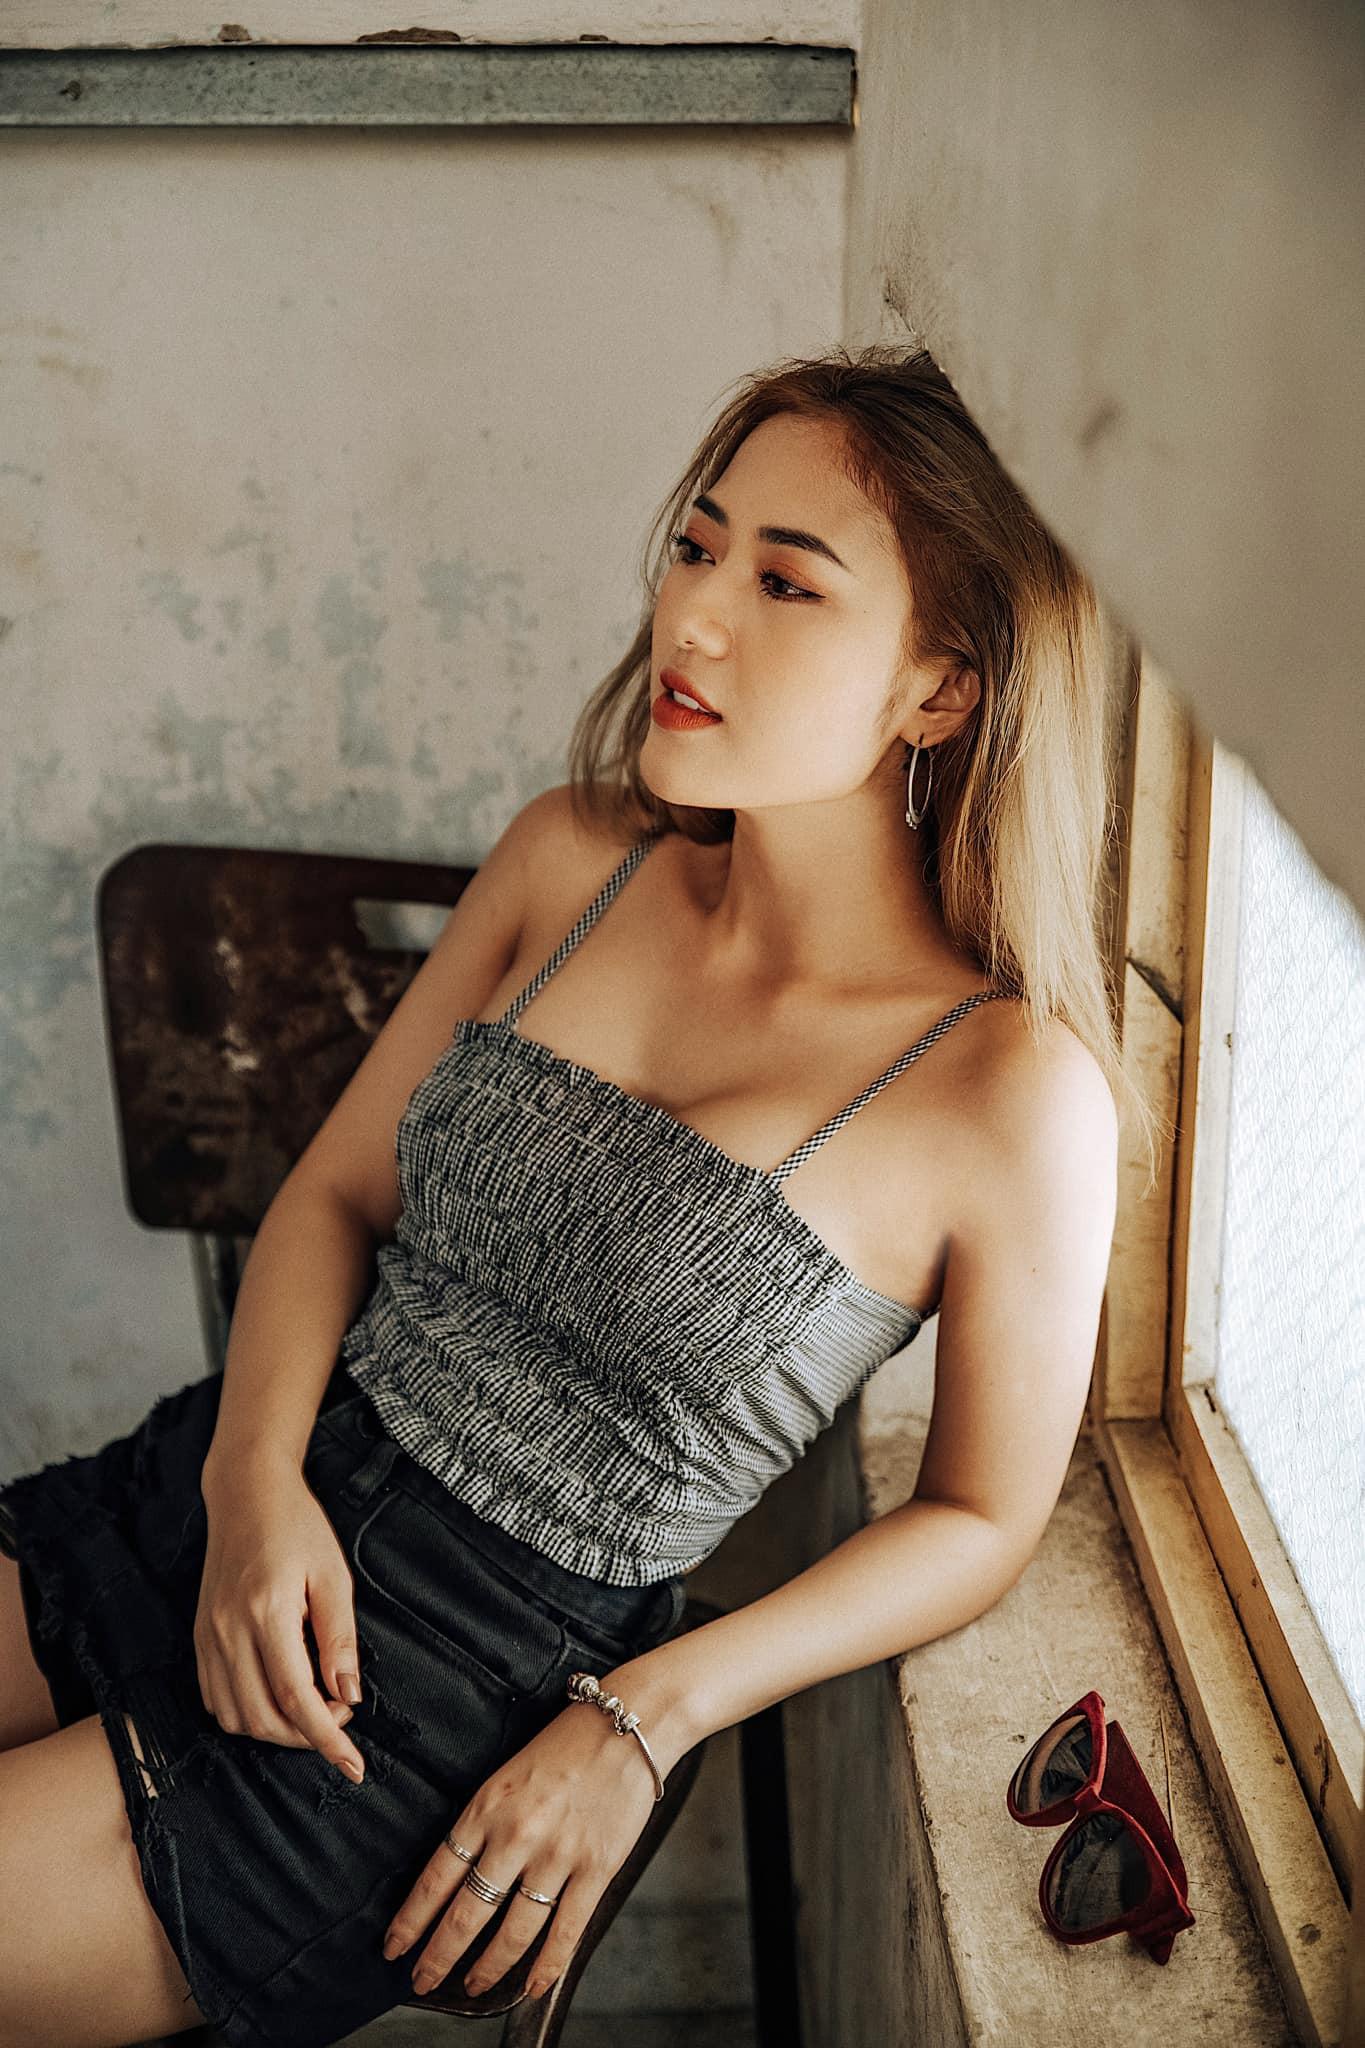 So kè 5 cô gái hội Tuesday màn ảnh Việt: Nóng bỏng từ phim đến đời thực, có người còn bị chê phản cảm vì khoe thân quá đà! - Ảnh 10.